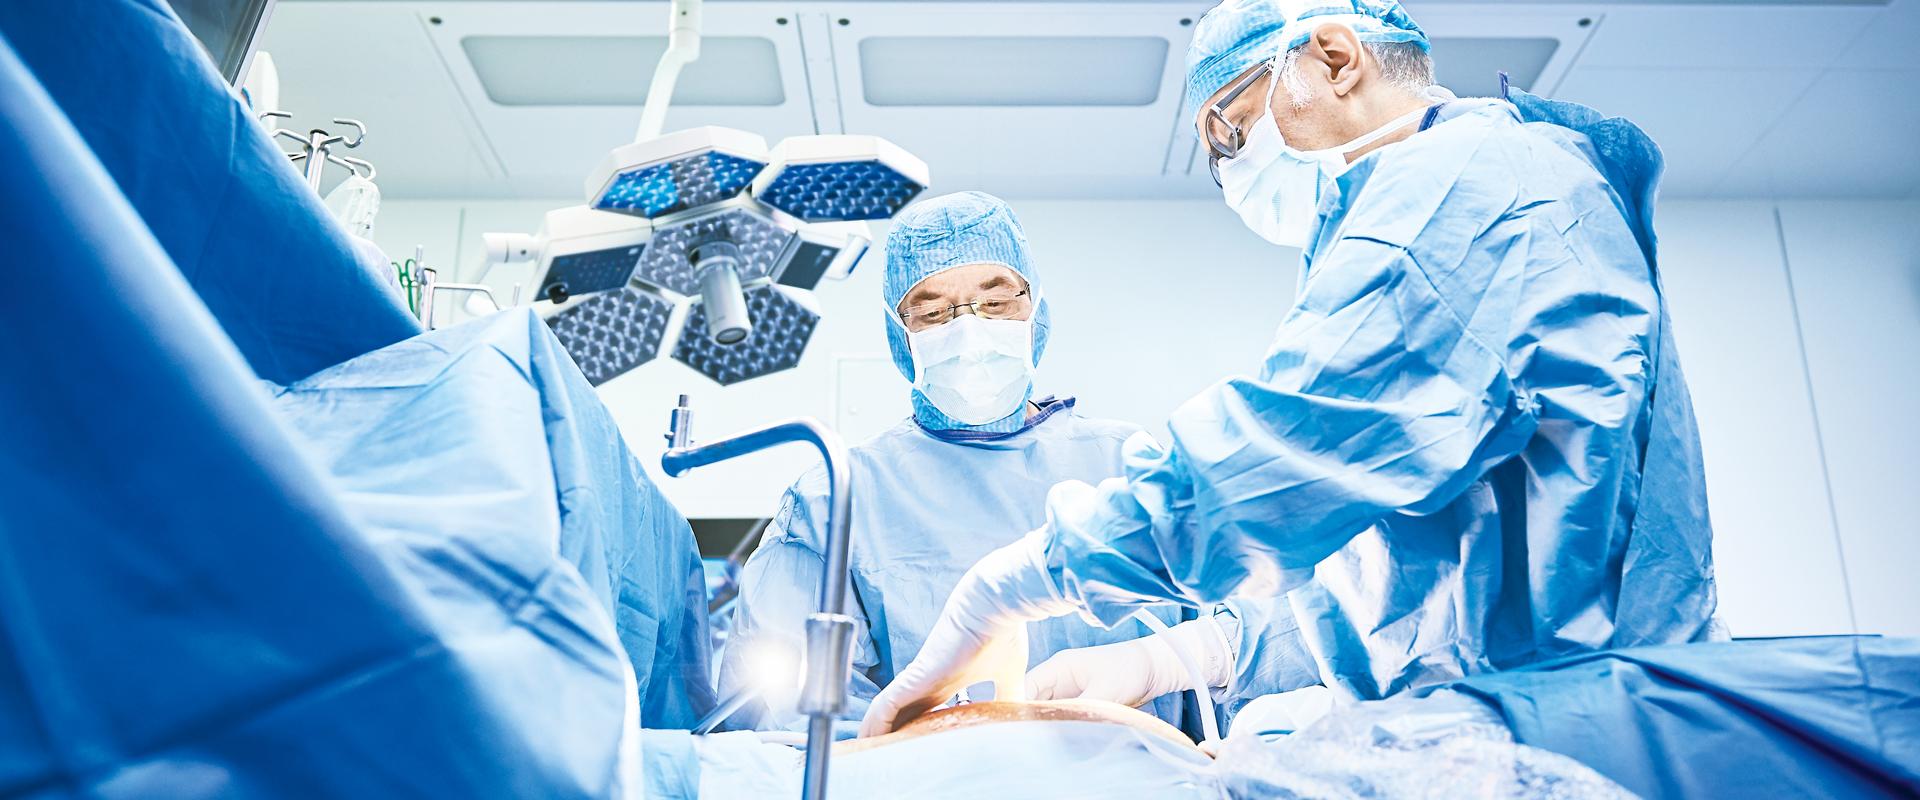 Dr. med. M. Durband und Dr. med. B. Wetz bei einer Operation